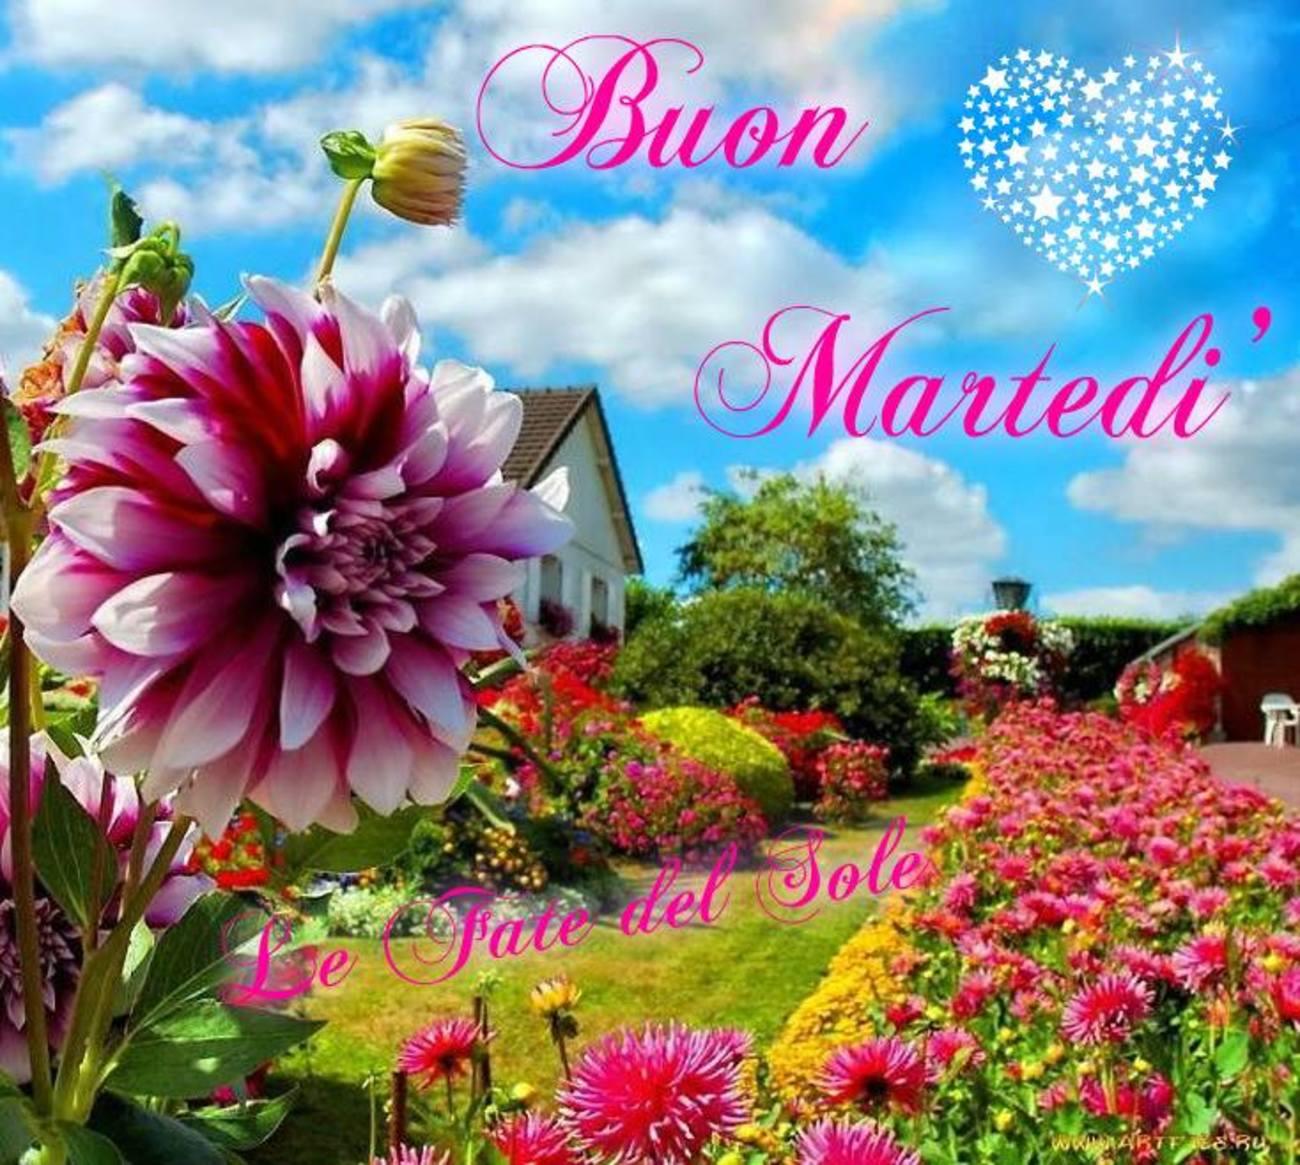 Buon Martedi Frasi 193 Buongiorno Immagini It